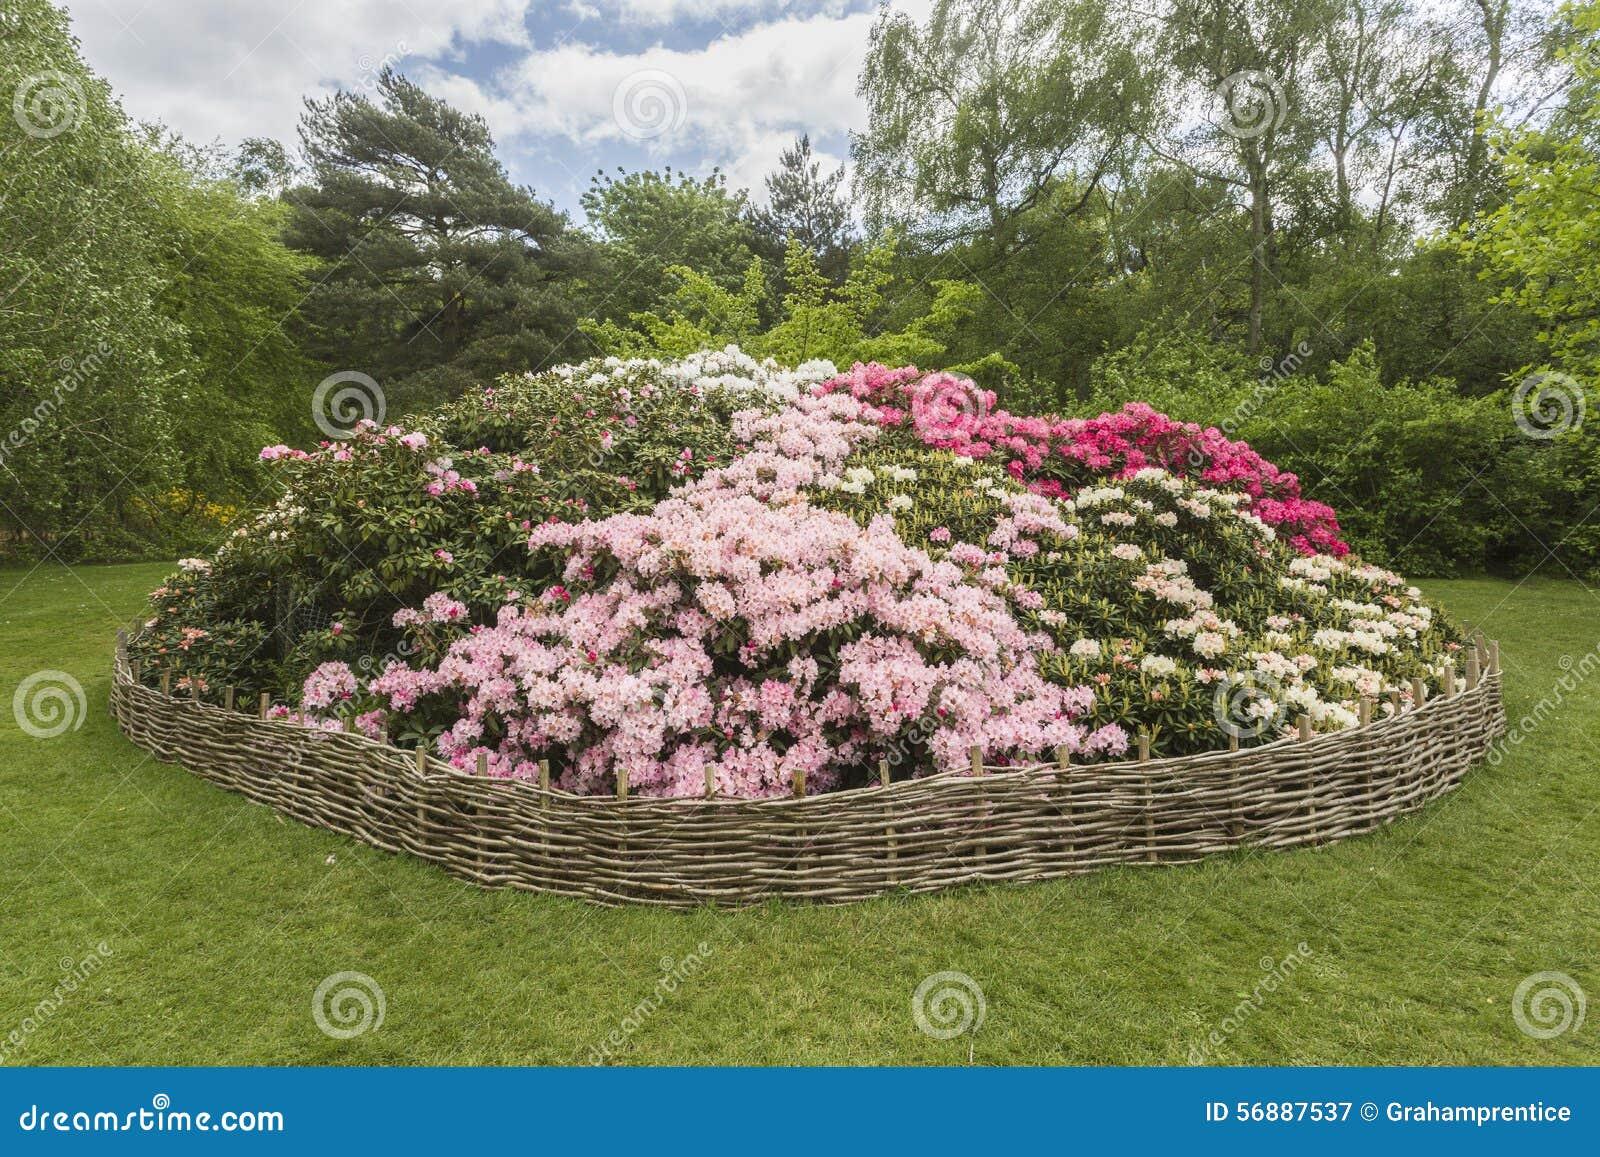 Rhododendronblomsterrabatt, Isabella Plantation, Richmond Park